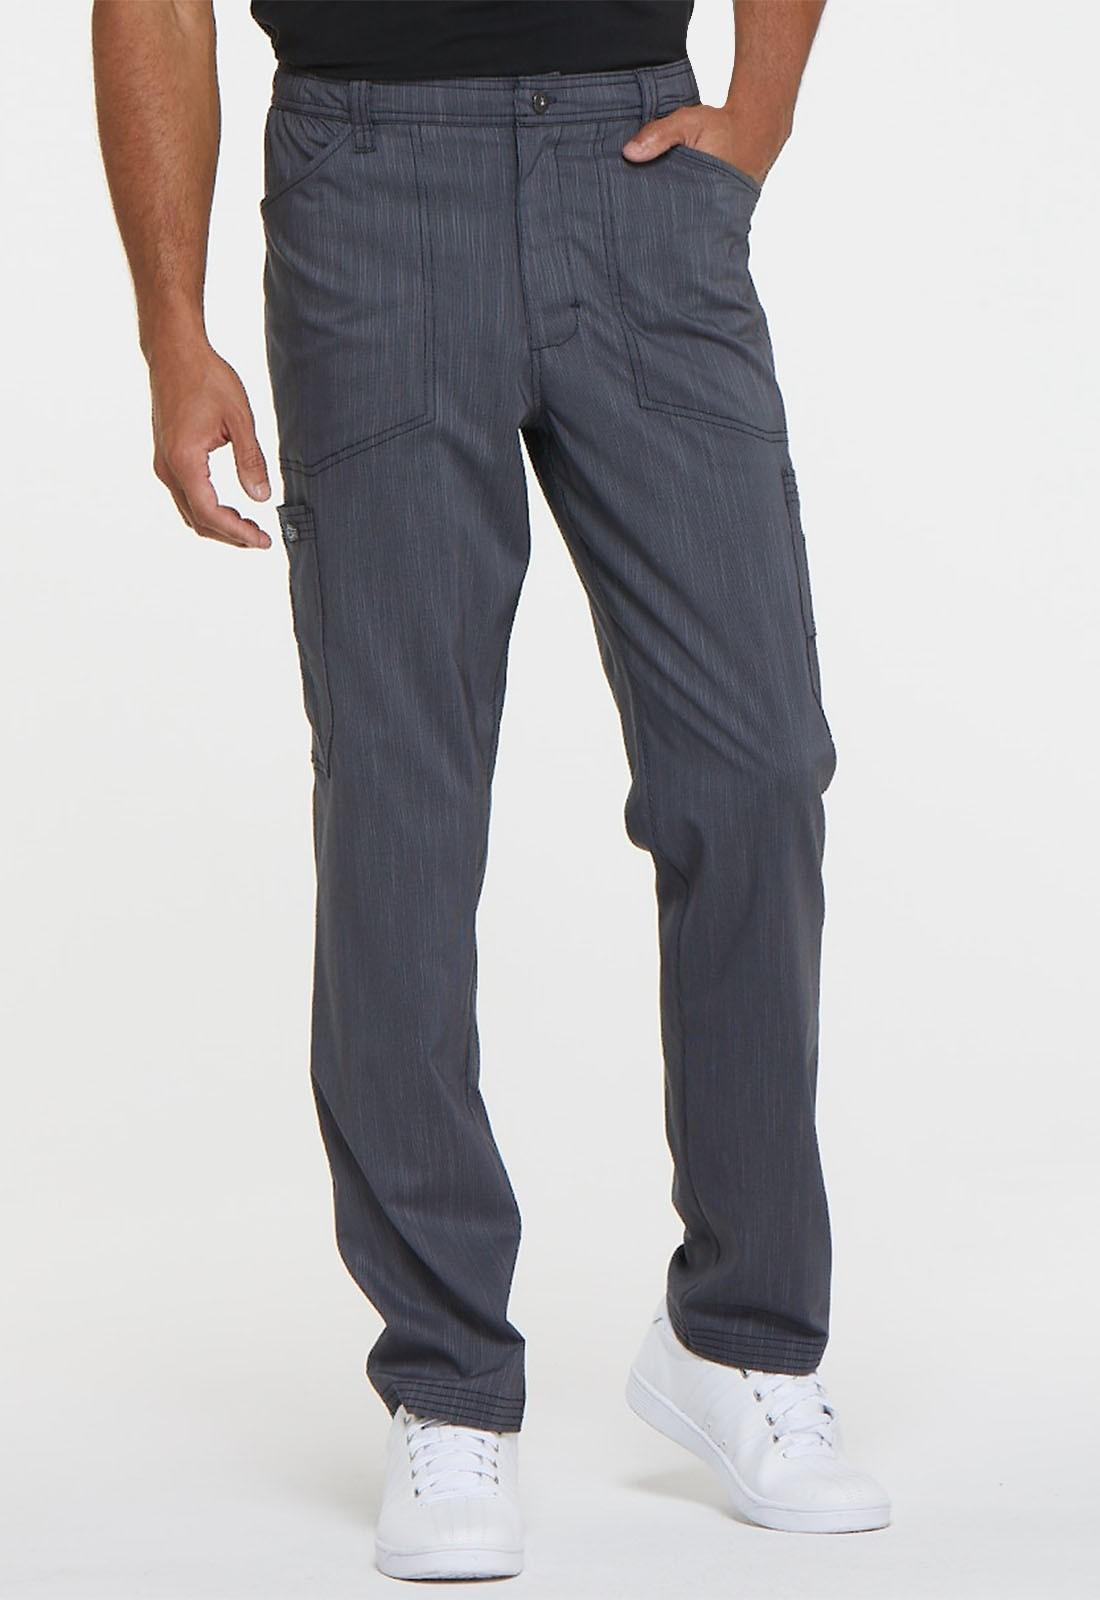 Dickies Men's Natural Rise Straight Leg Pant #DK180S